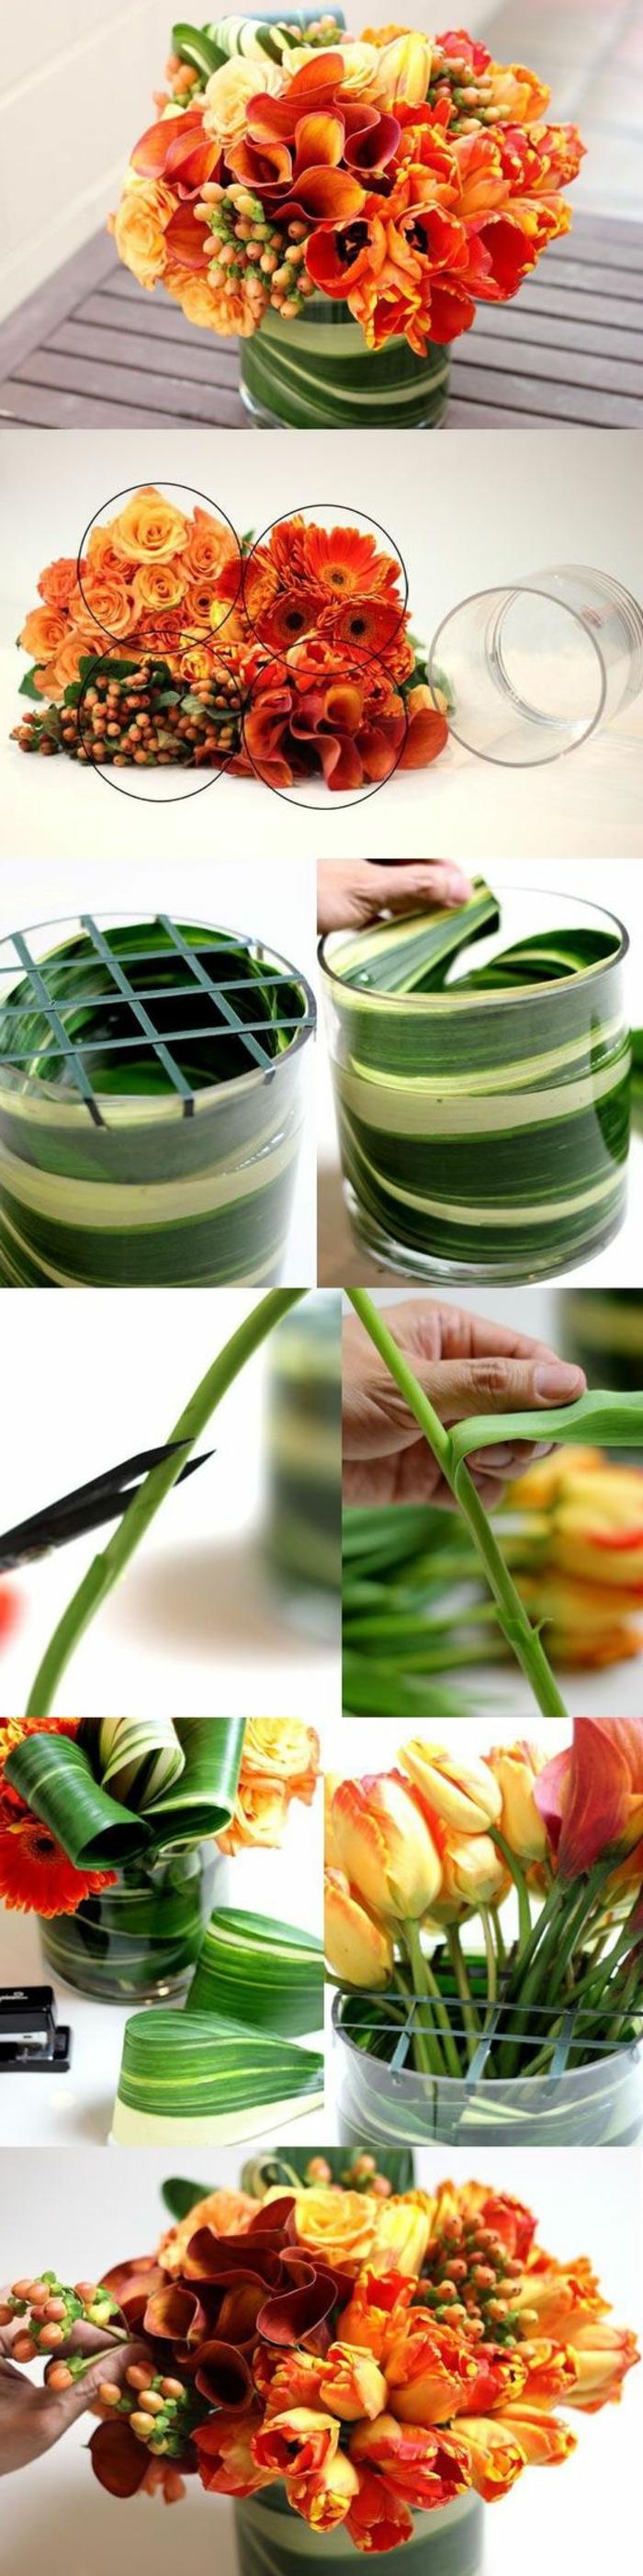 tischdeko selber machen, glasvase mit orangen blumen und grünen blättern verzieren